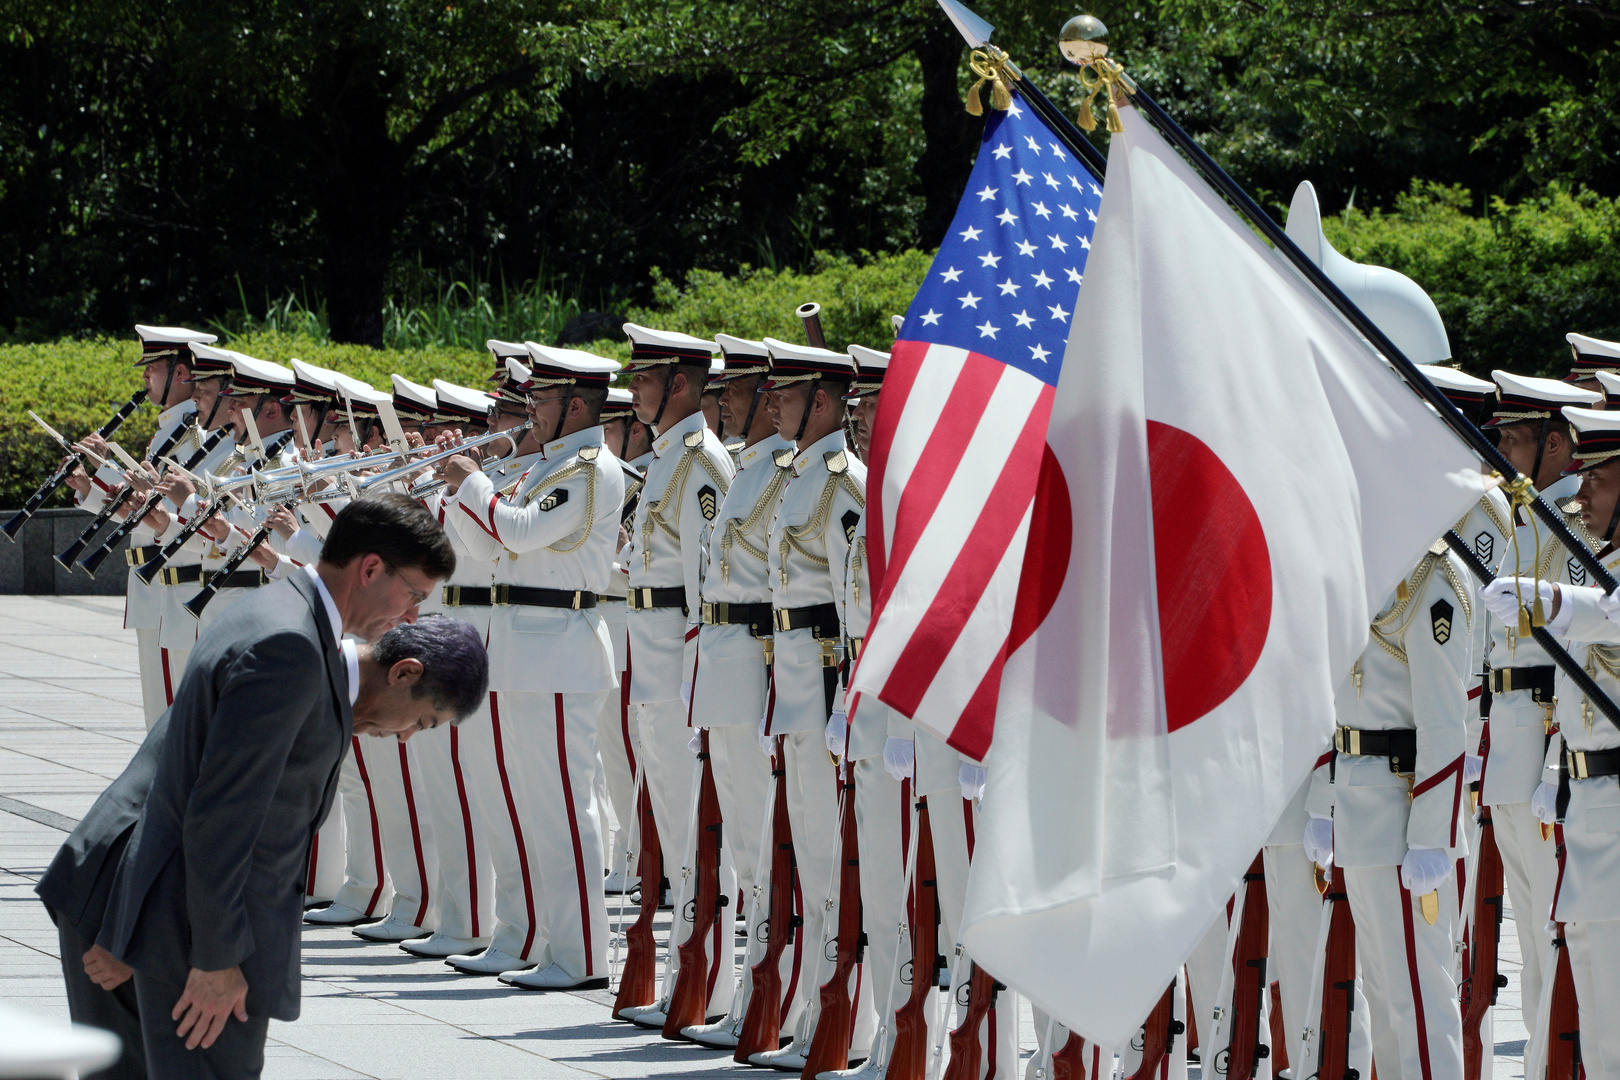 بايدن وسوغا يؤكدان على ضرورة نزع السلاح النووي من شبه الجزيرة الكورية